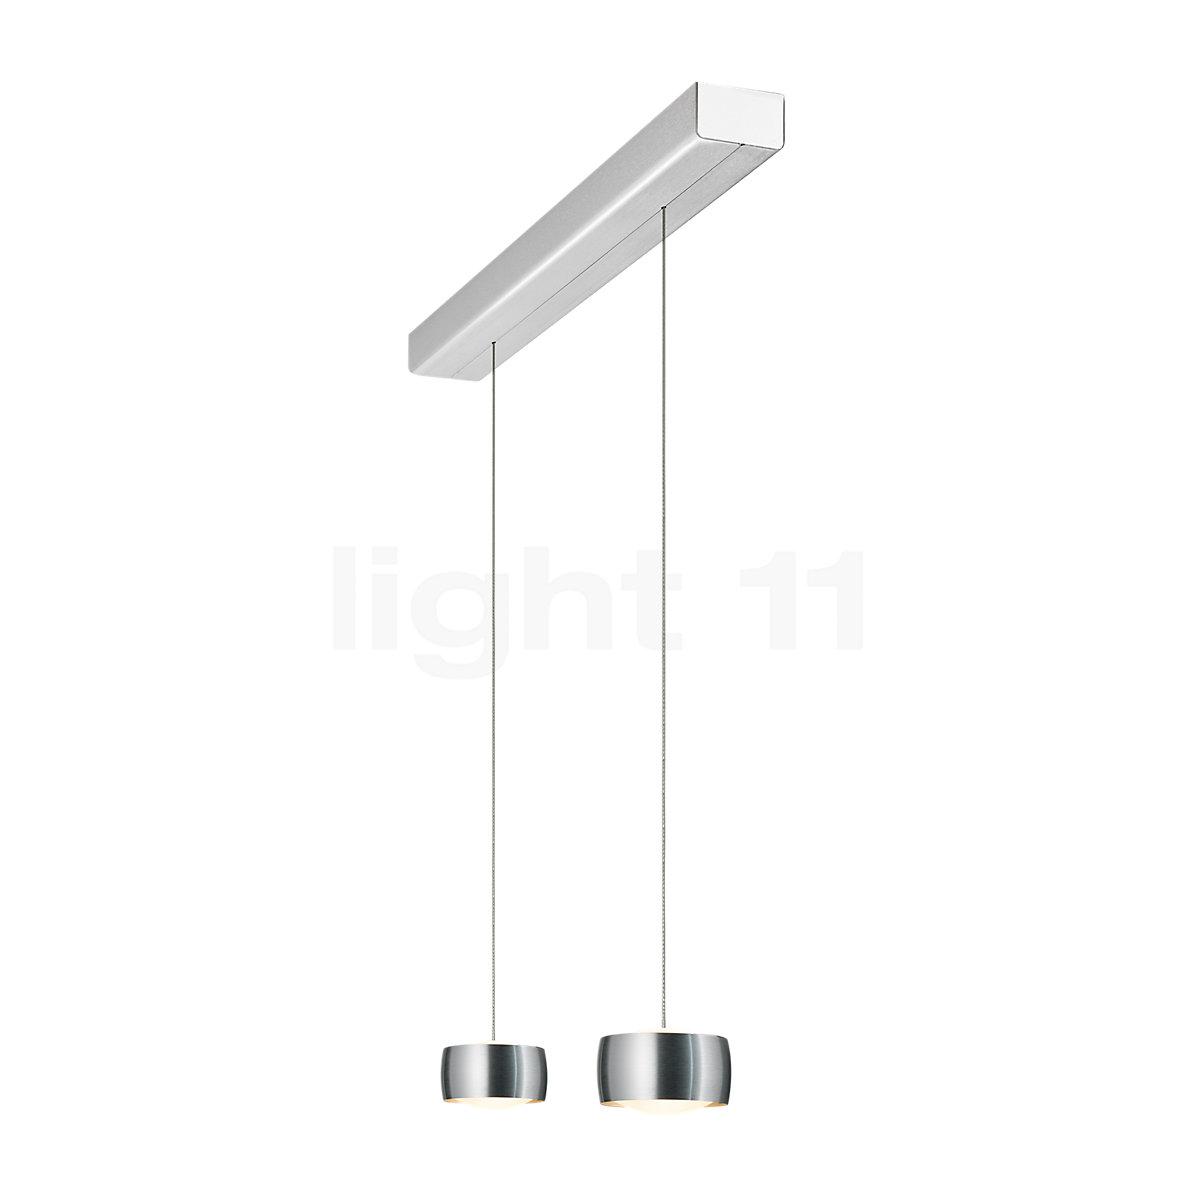 LED y Oligo con 2 Gracelámpara de suspensión focos ajuste RjL4Aqc35S